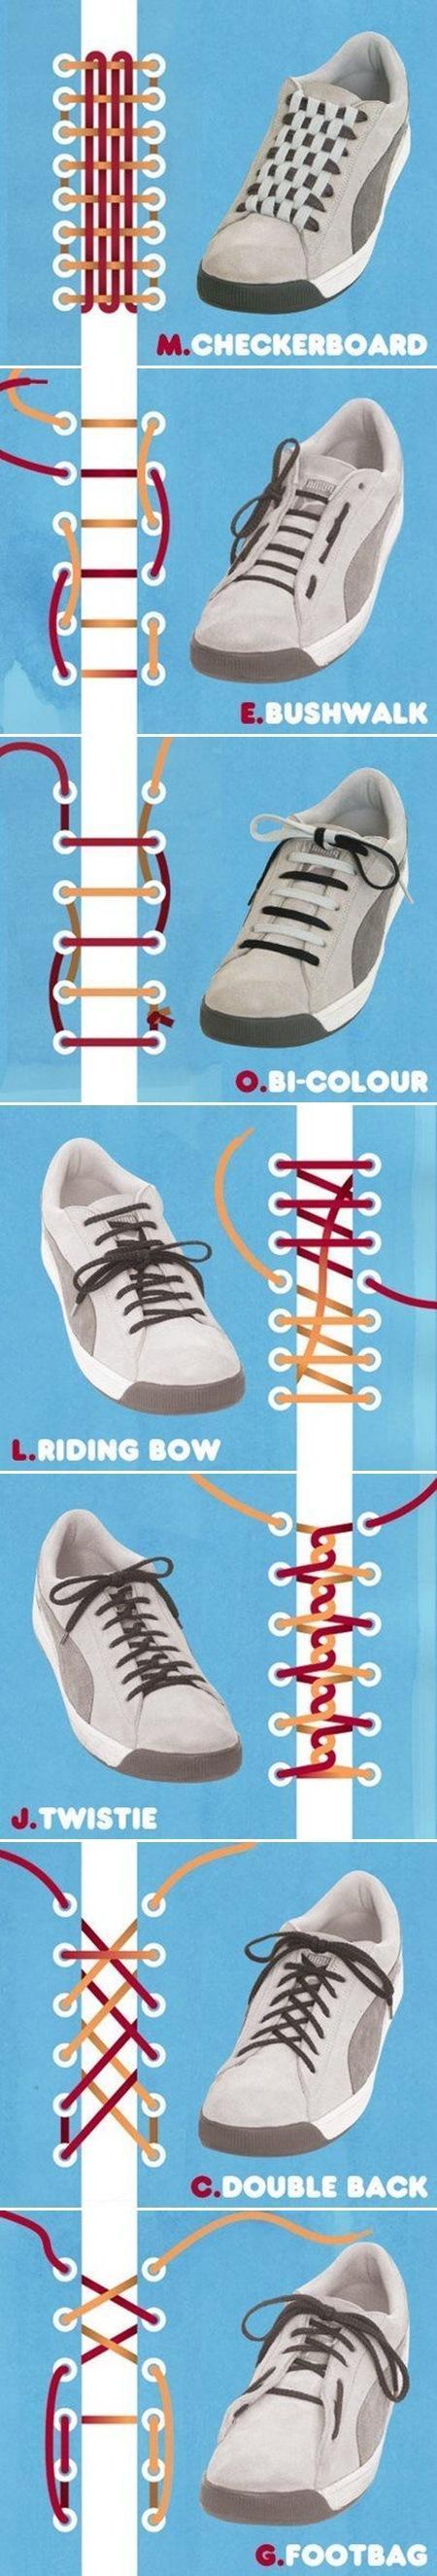 신발끈 예쁘게 묶는법, 신발끈 묶는 방법